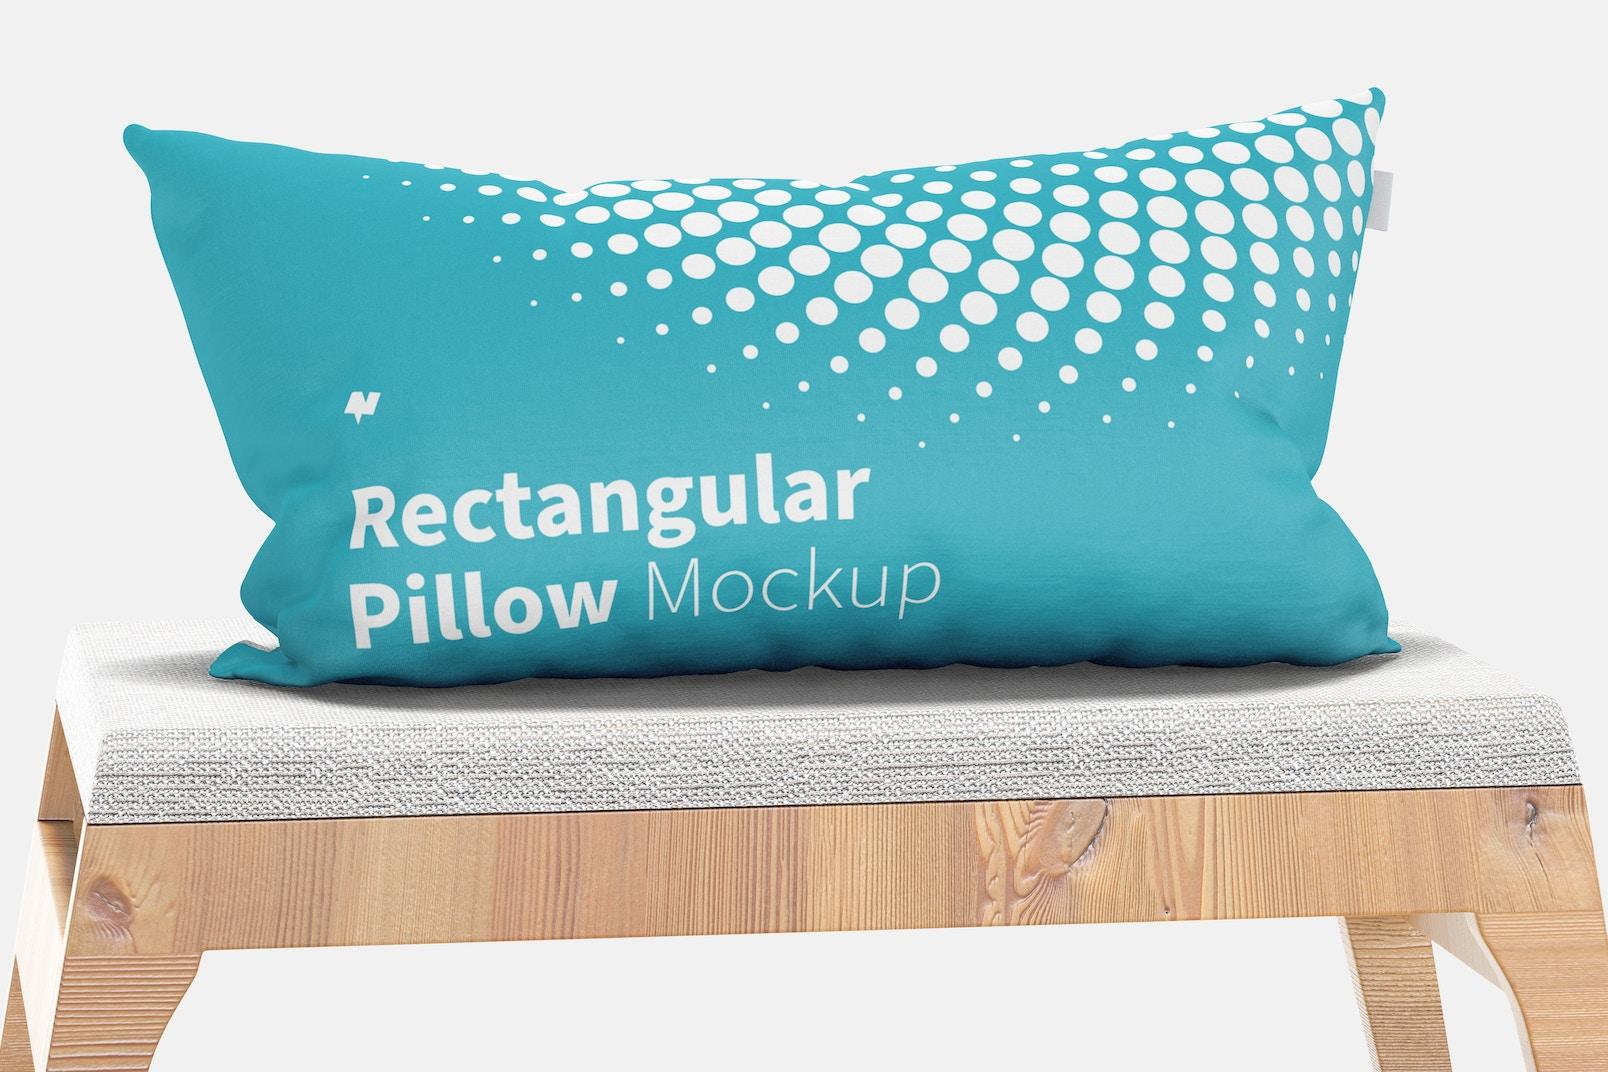 Rectangular Pillow Mockup, Front View